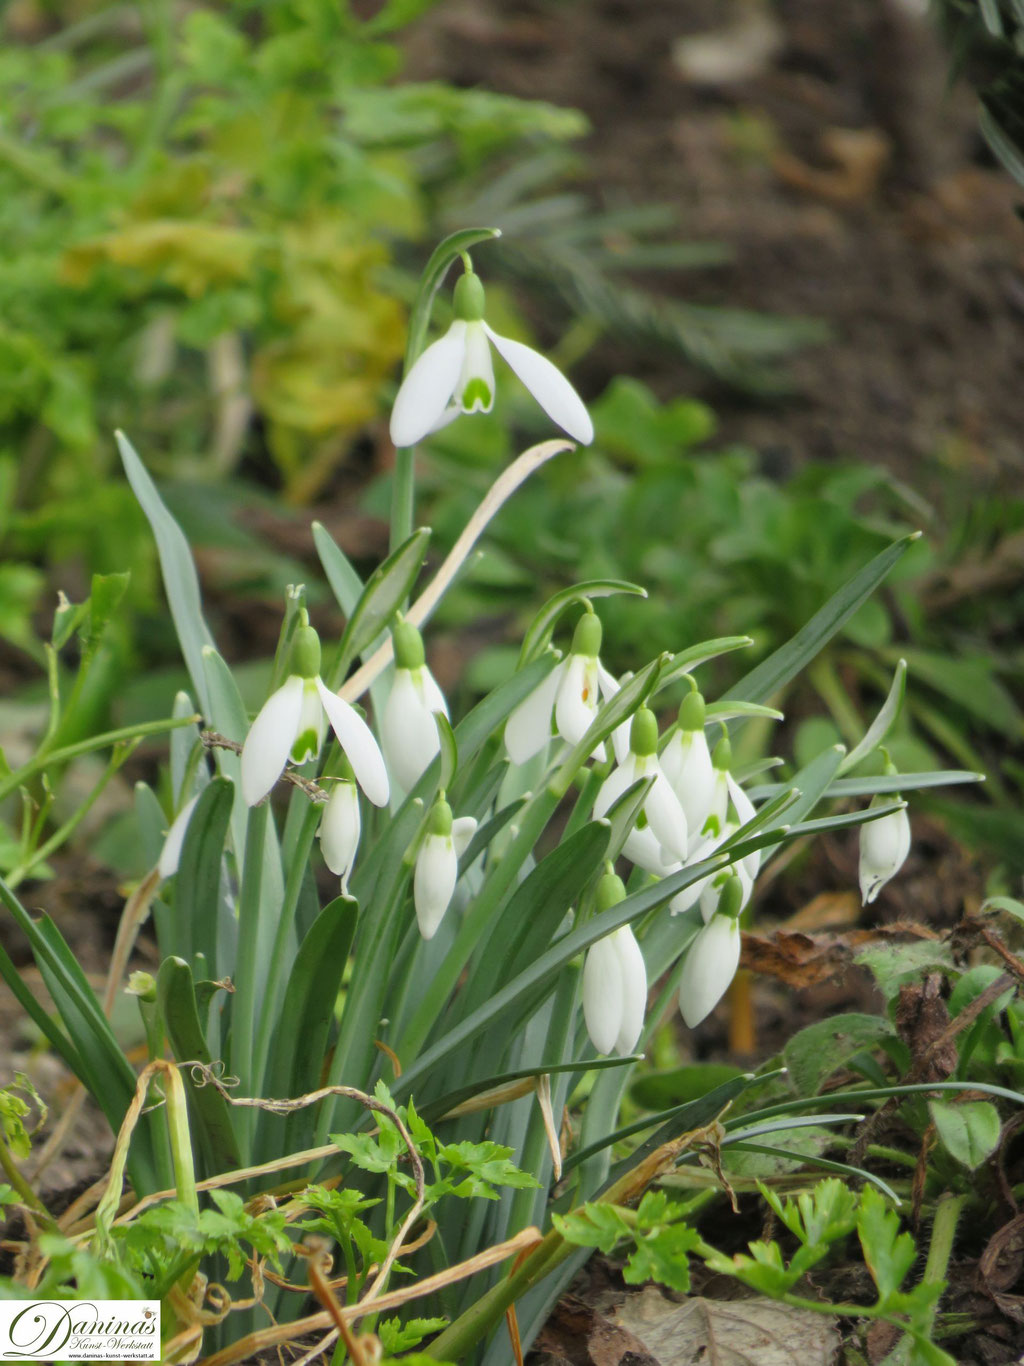 Echte Schneeglöckchen gehören zu den ersten Frühlingsblumen